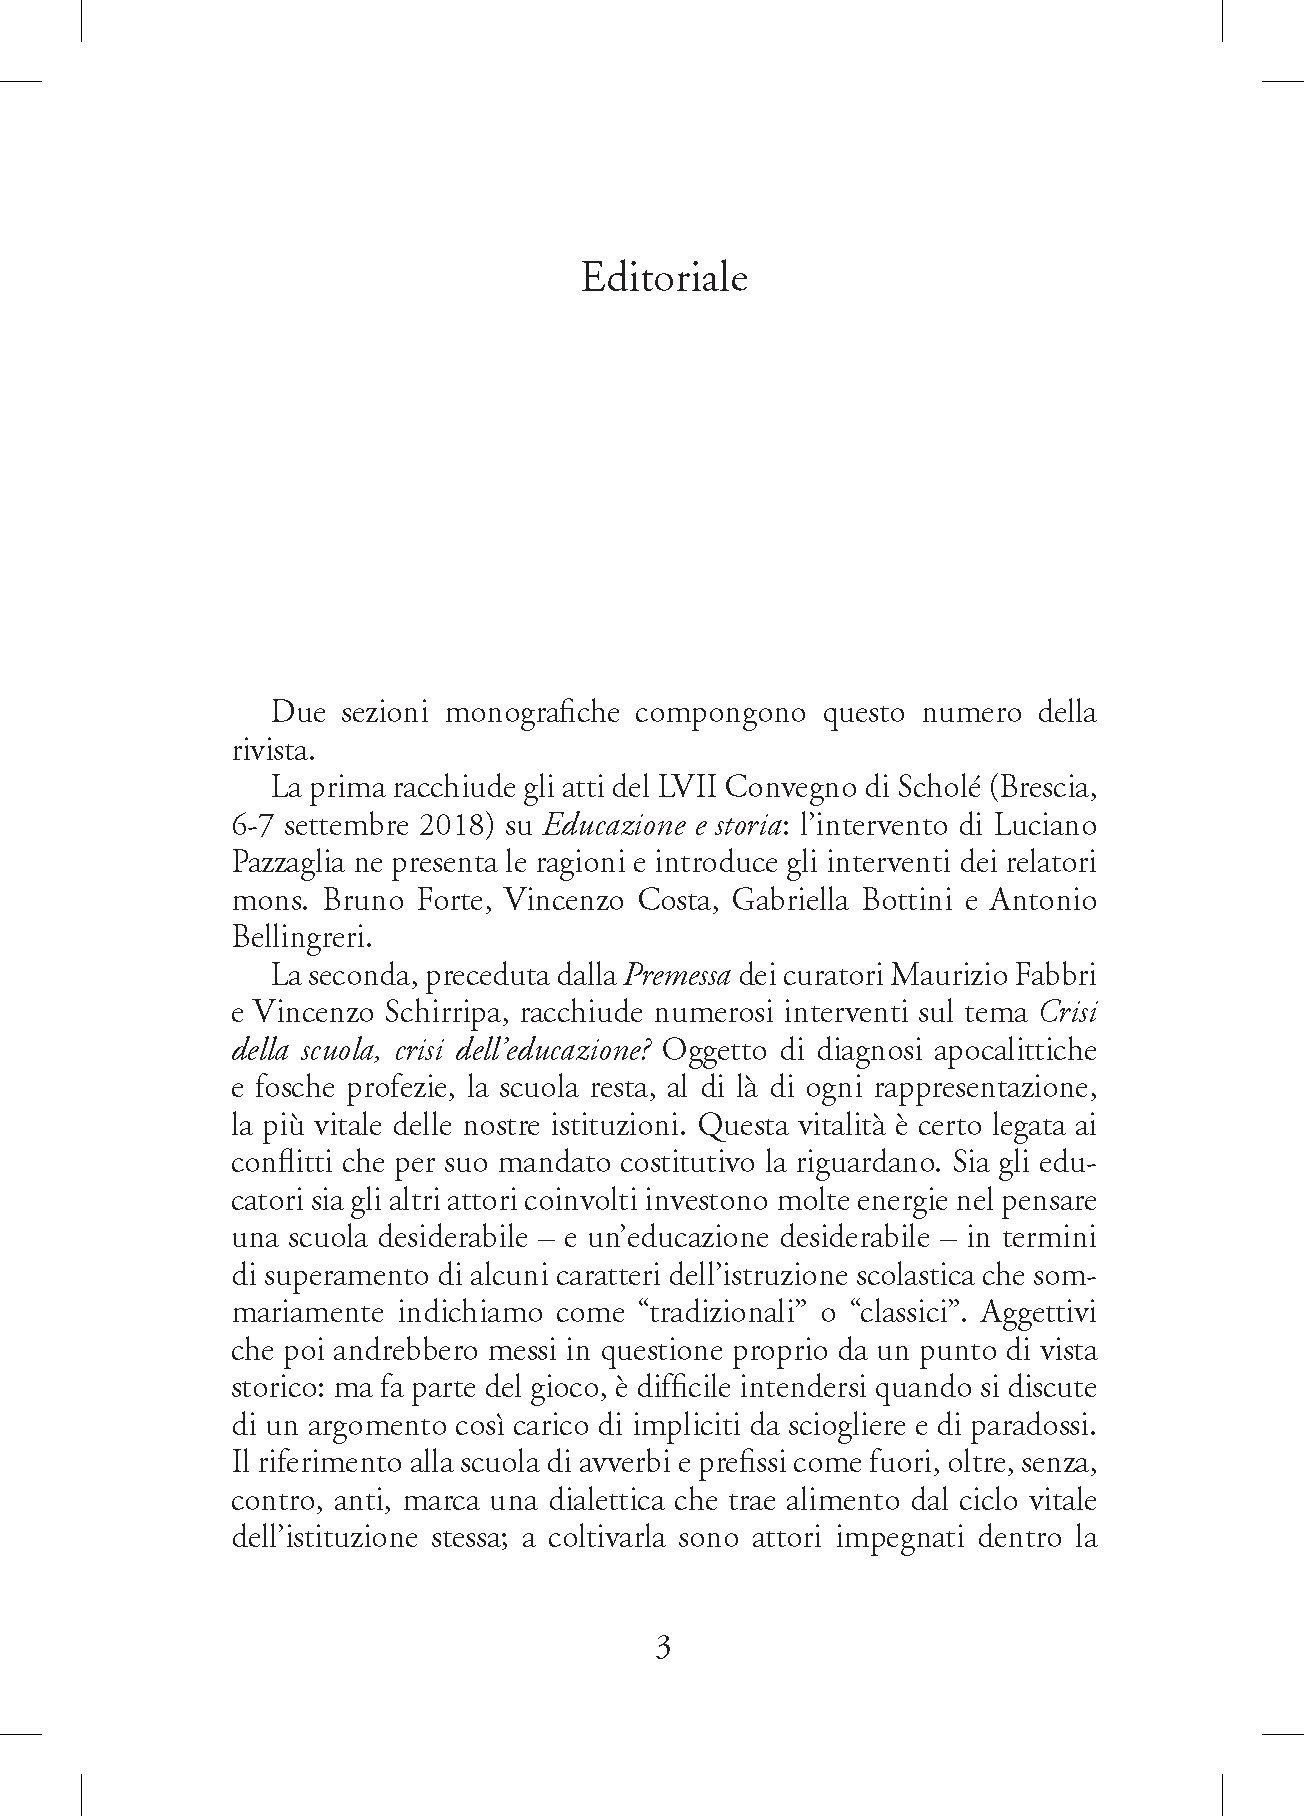 Editoriale Scholé 2_2019_Pagina_1.jpg